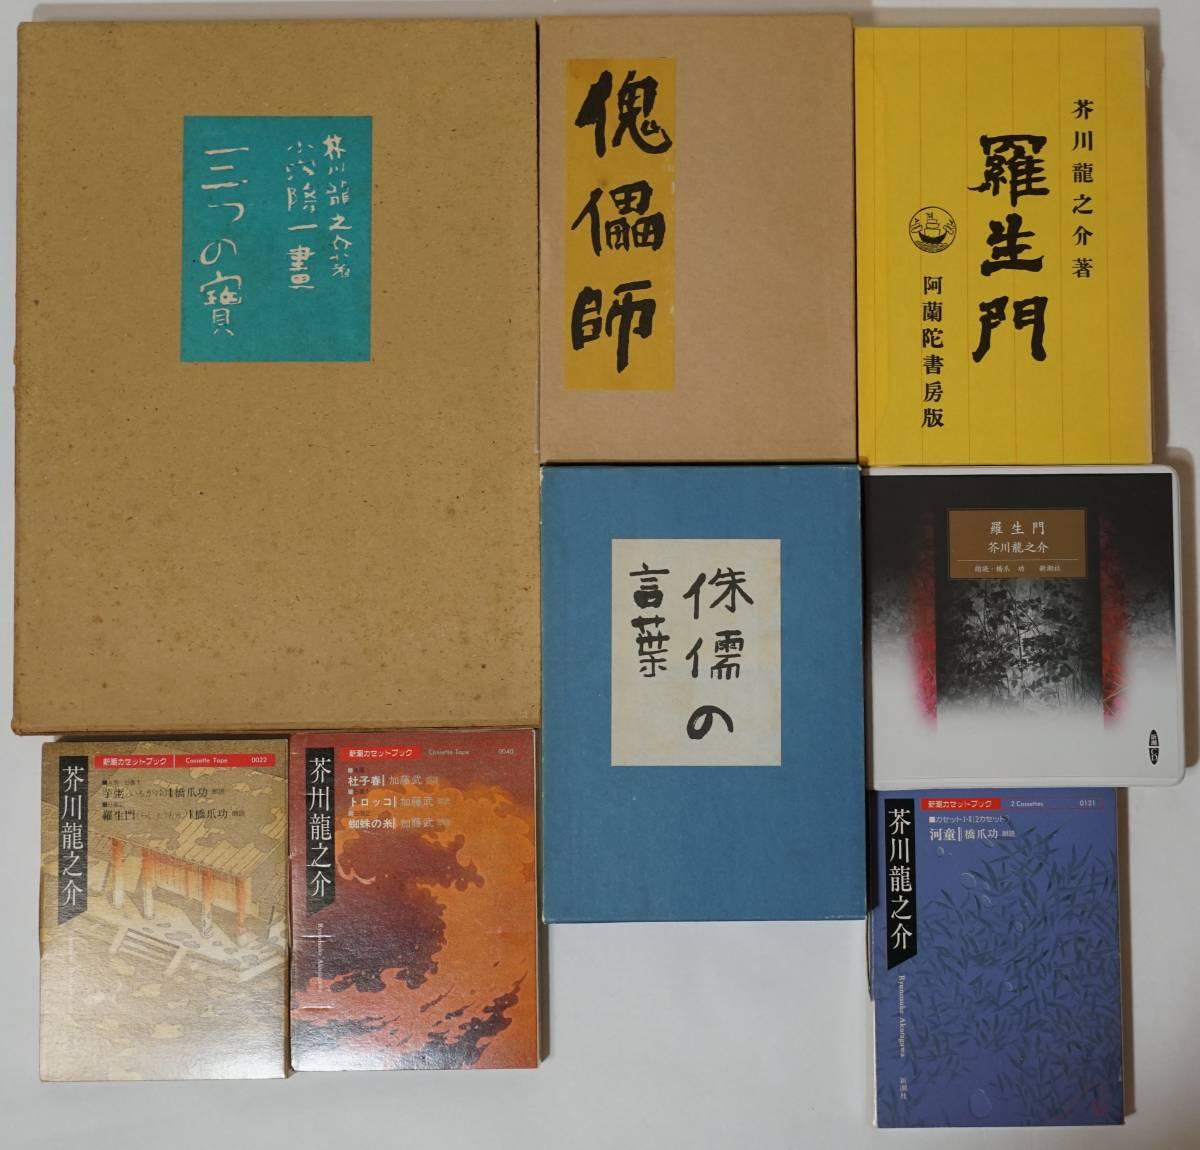 芥川龍之介著名著復刻 日本児童文学館「三つの寶」「羅生門」「傀儡師」「侏儒の言葉」4冊と 朗読、CD, カセットテープ